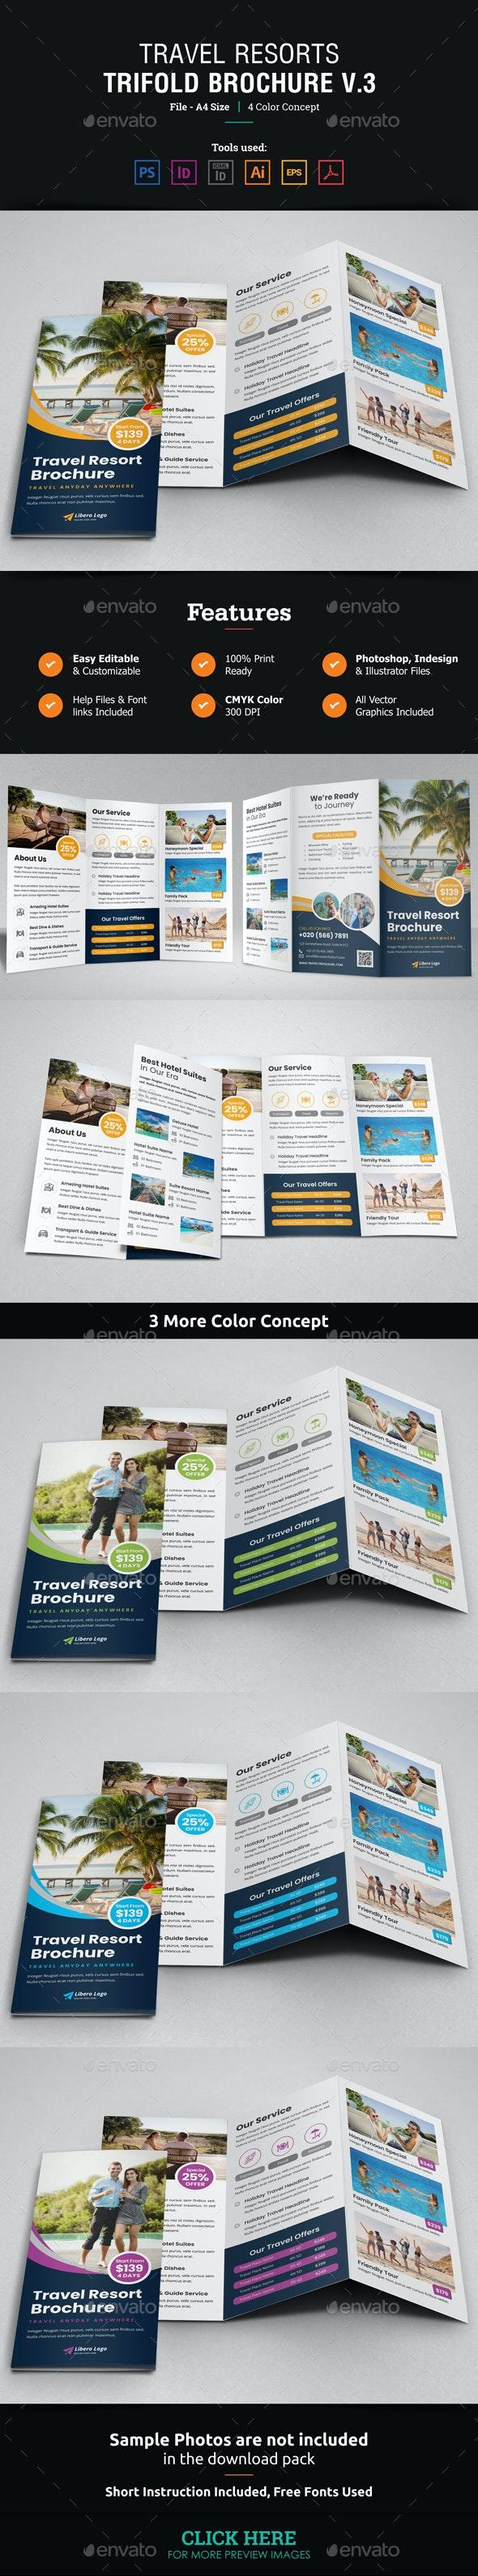 Travel Resort Trifold Brochure Design v3 - Corporate Brochures